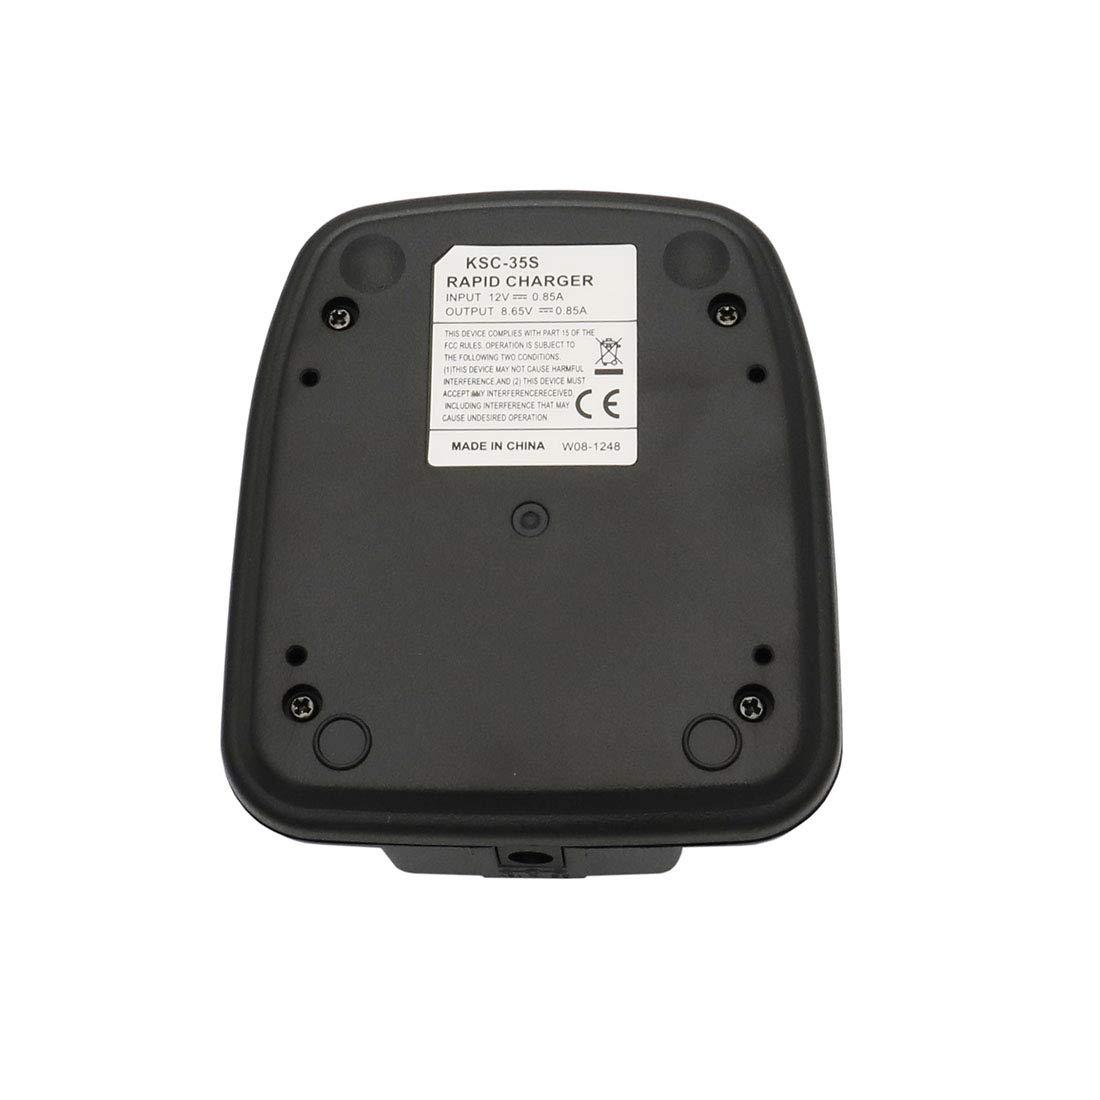 2000 TK Karier KNB-45L KNB-63L KNB-65L Li-ion Battery Rapid Charger Compatible for Kenwood TK-2400 TK-2402 TK-3400 TK-3402 TK-2200 TK-2300 TK-2207 TK-3207 TK 3000